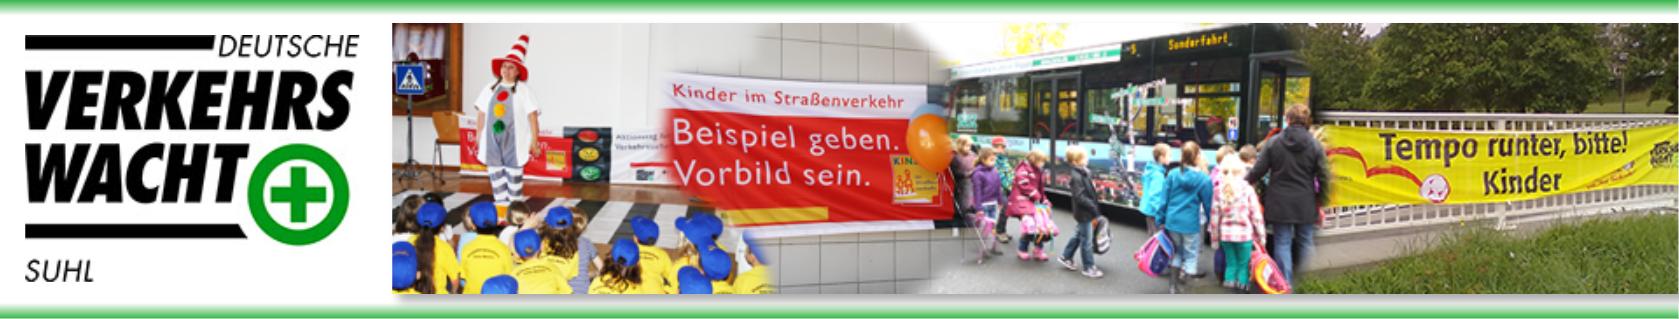 Verkehswacht-Suhl.de